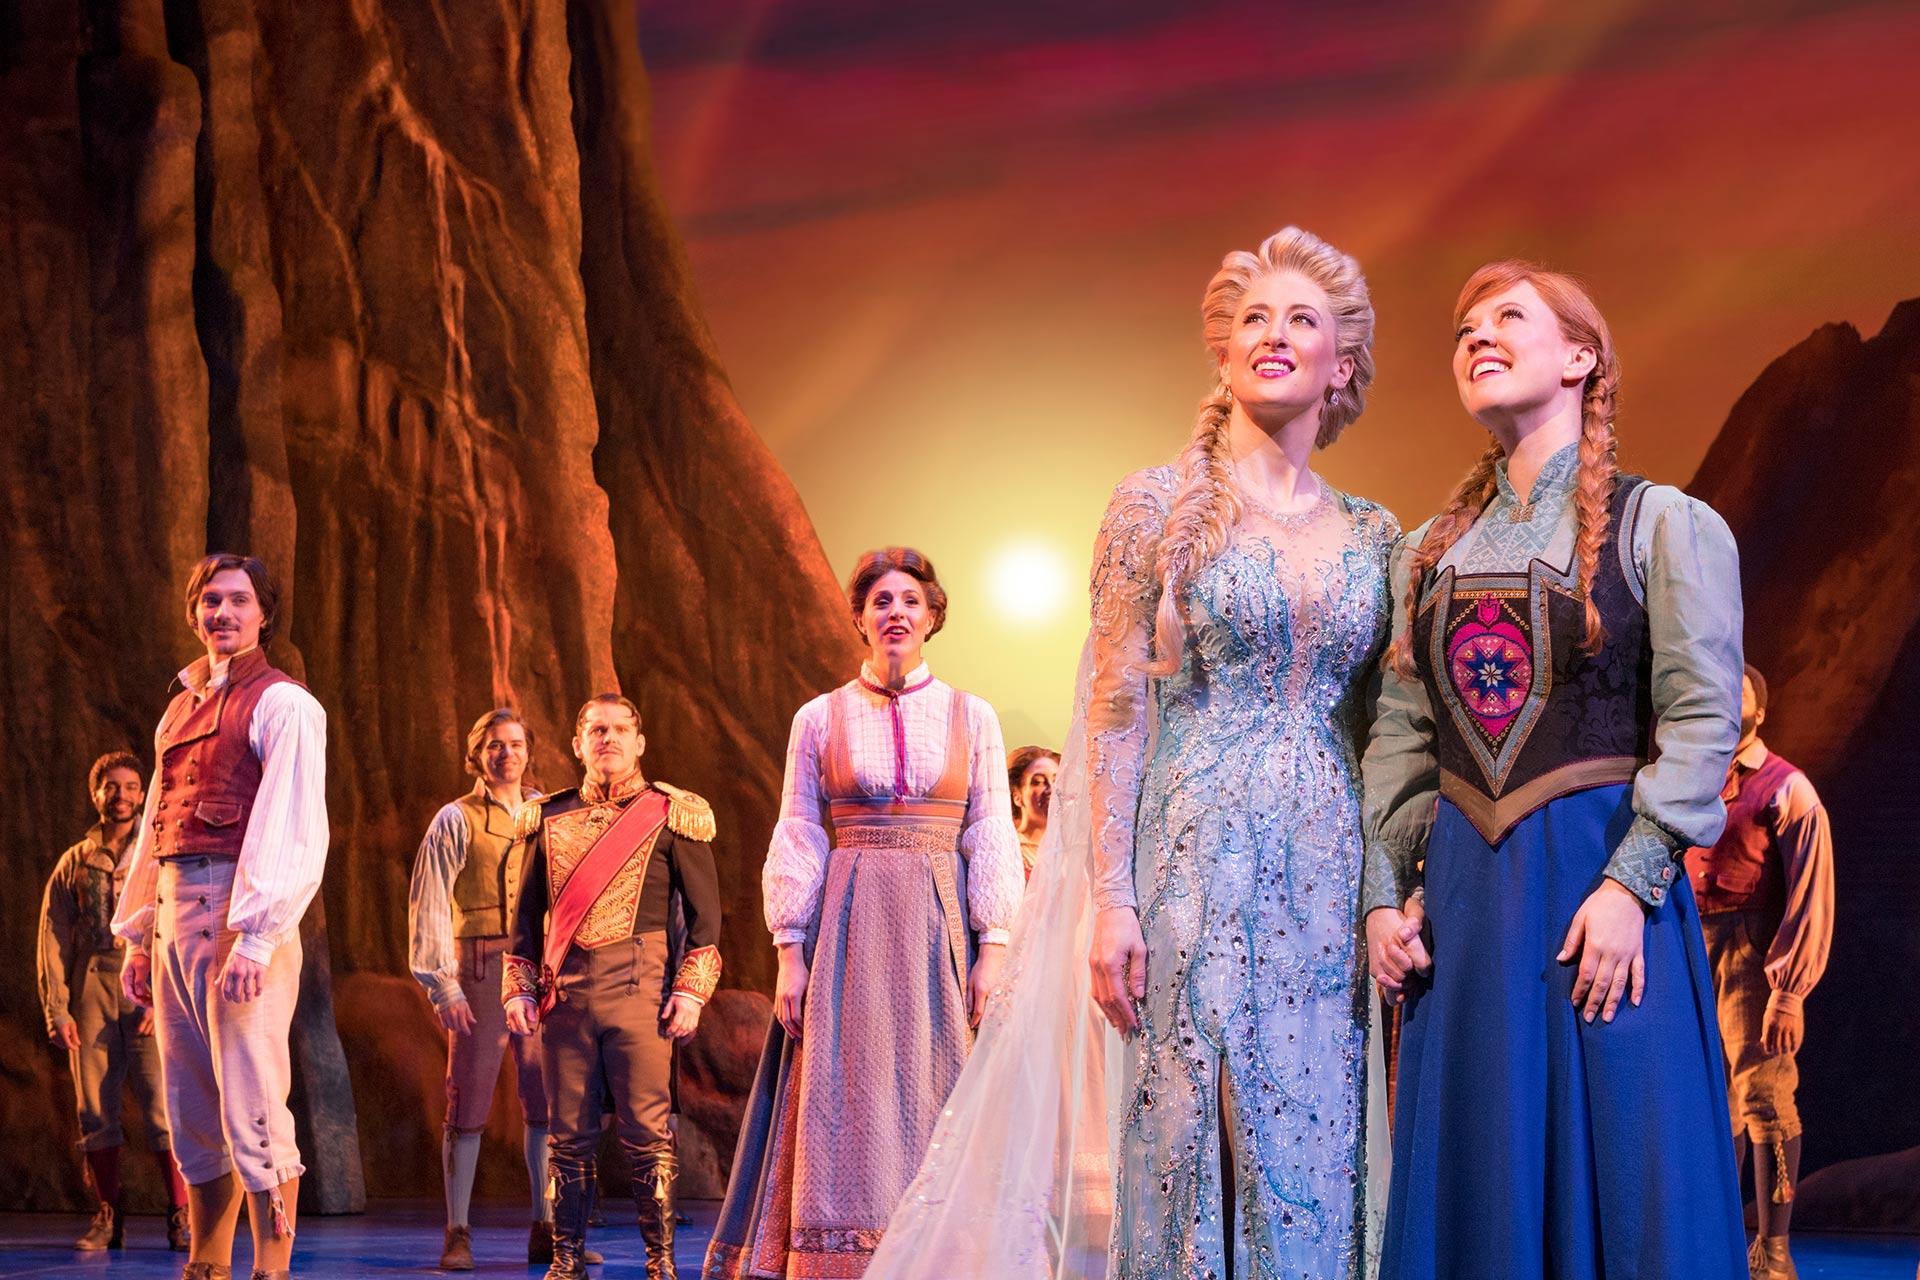 Disney's Frozen on Broadway